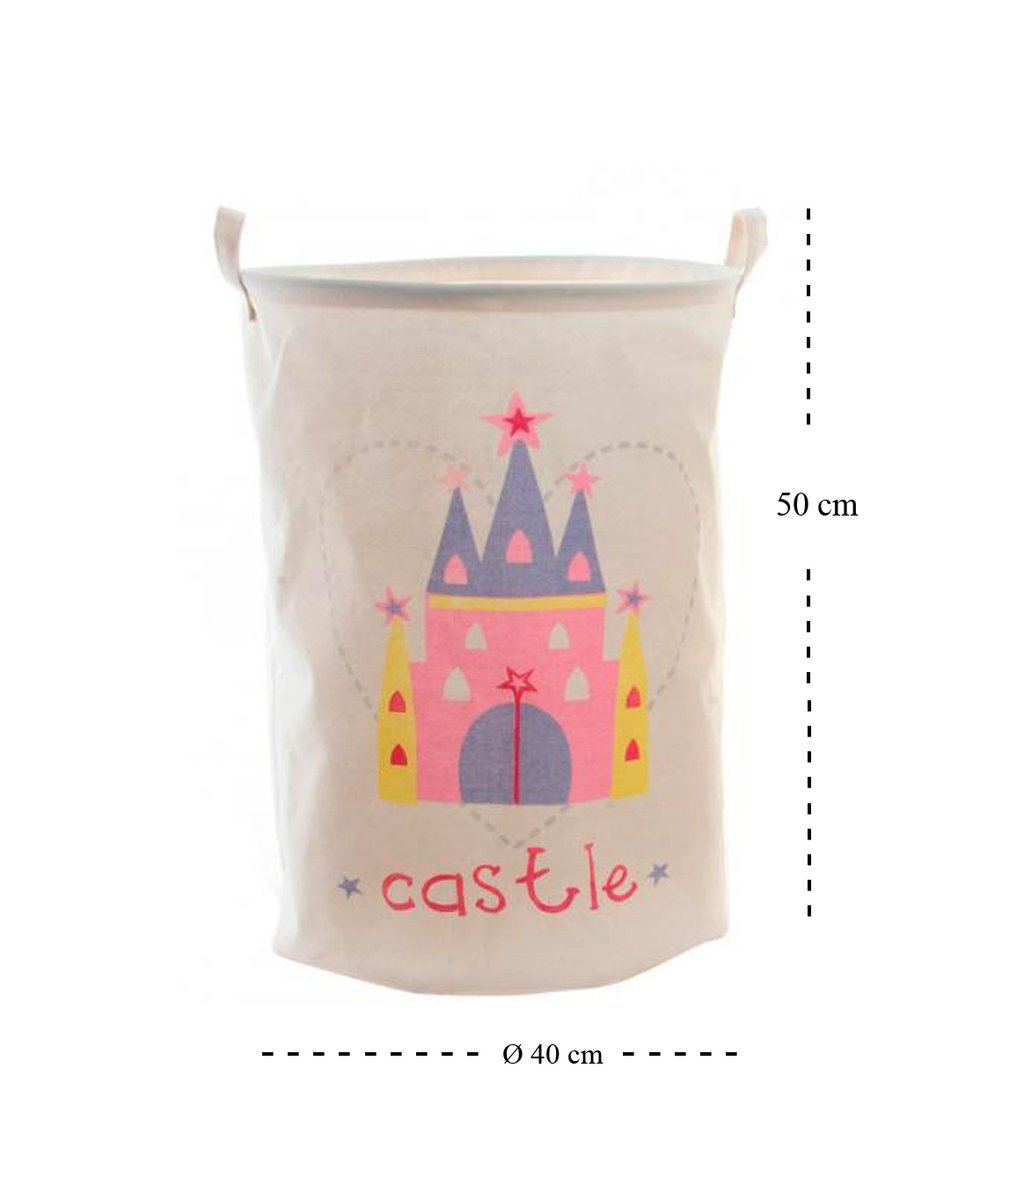 Full Size of Lb Hf Aufbewahrungssack Spielzeugsack Elsa Mdchen Schloss Fee Regal Kinderzimmer Weiß Regale Sofa Kinderzimmer Wäschekorb Kinderzimmer